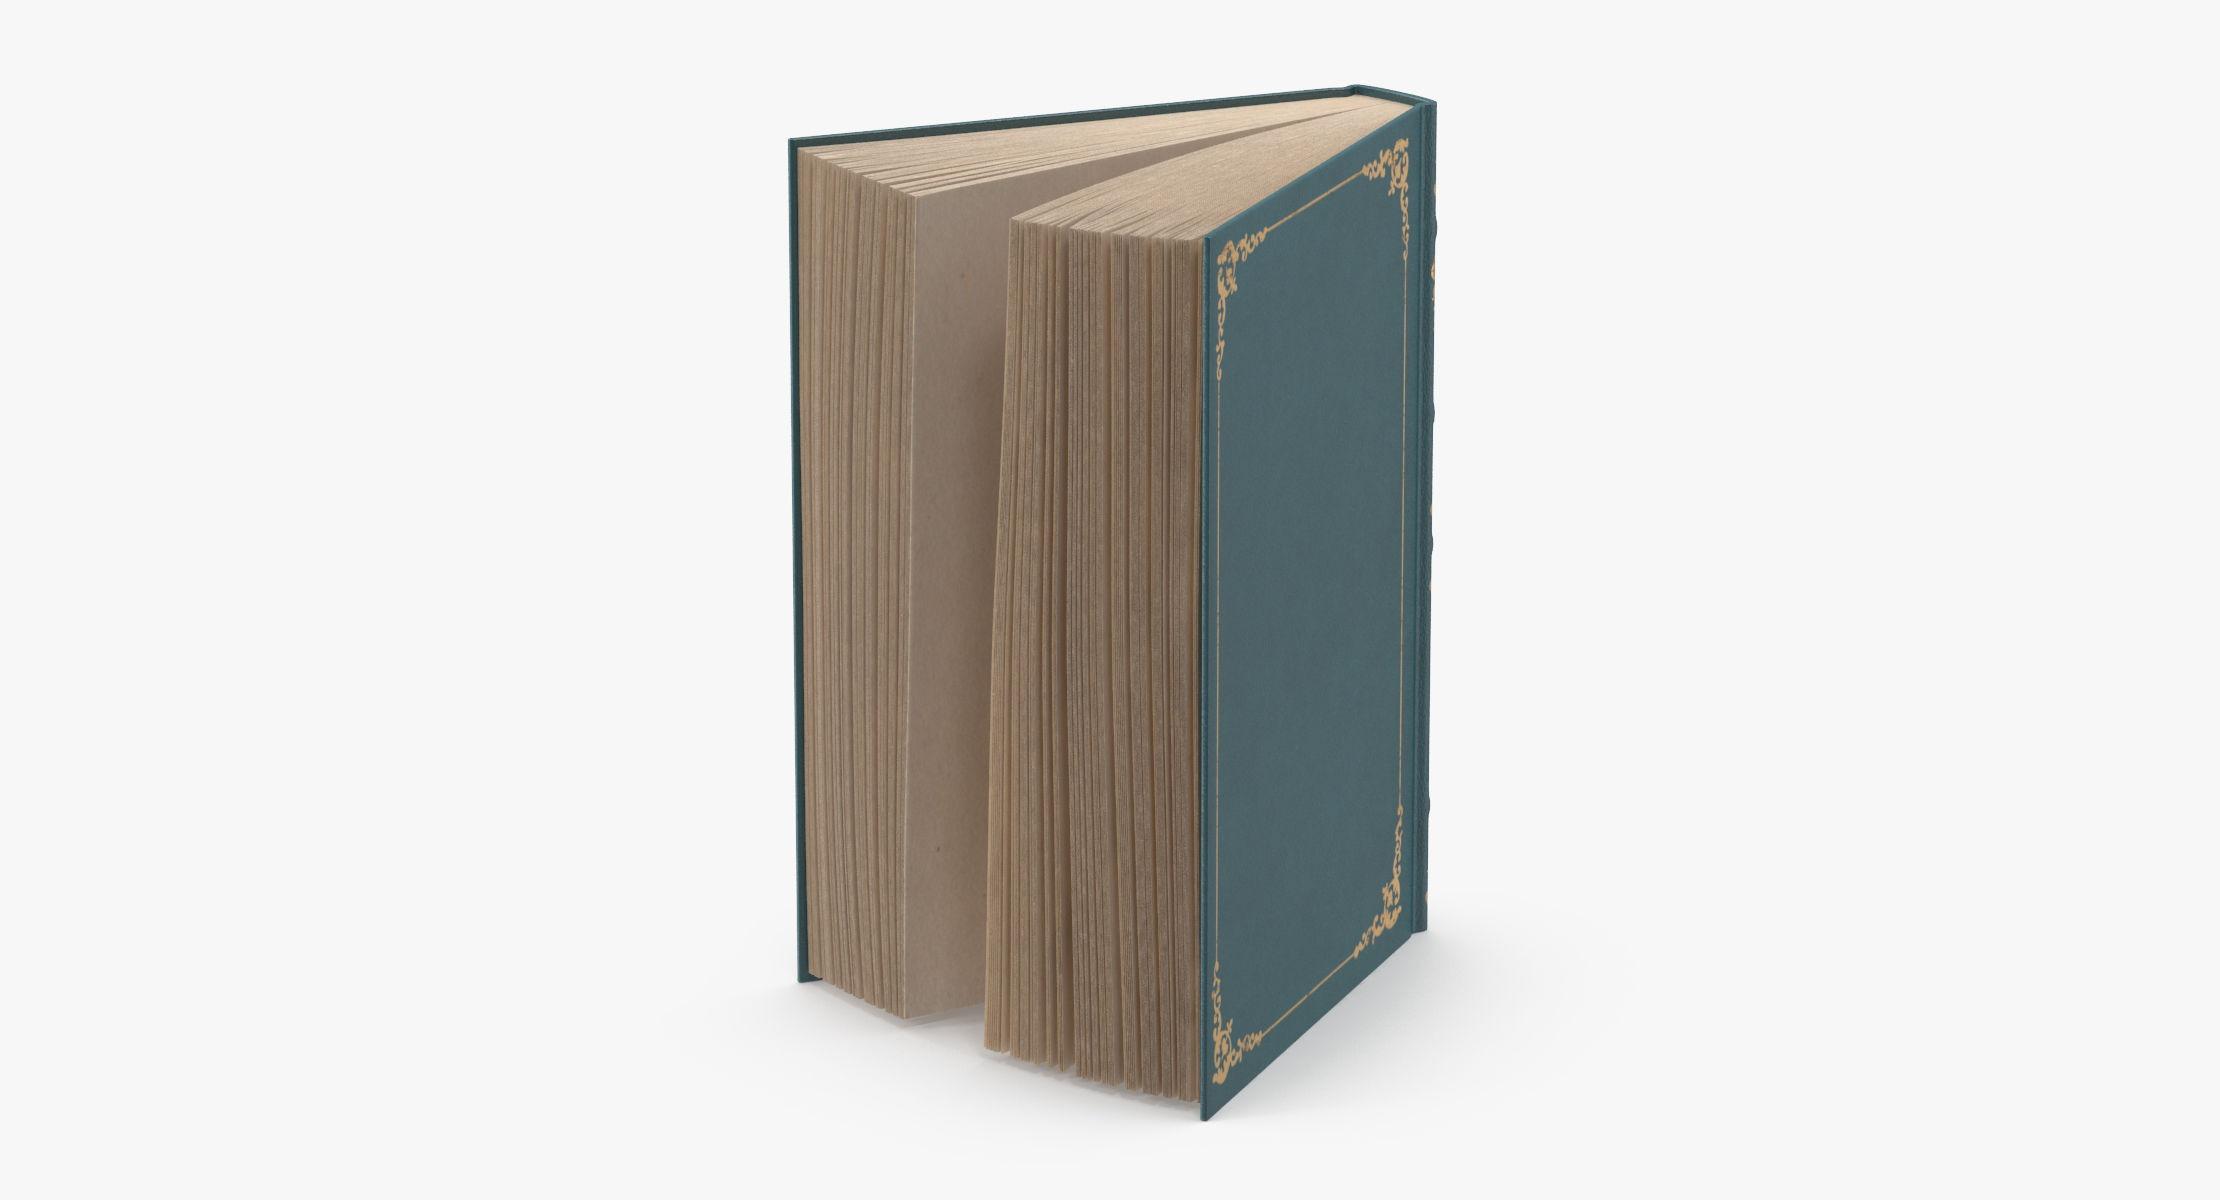 Classic Book 04 Standing Open - reel 1